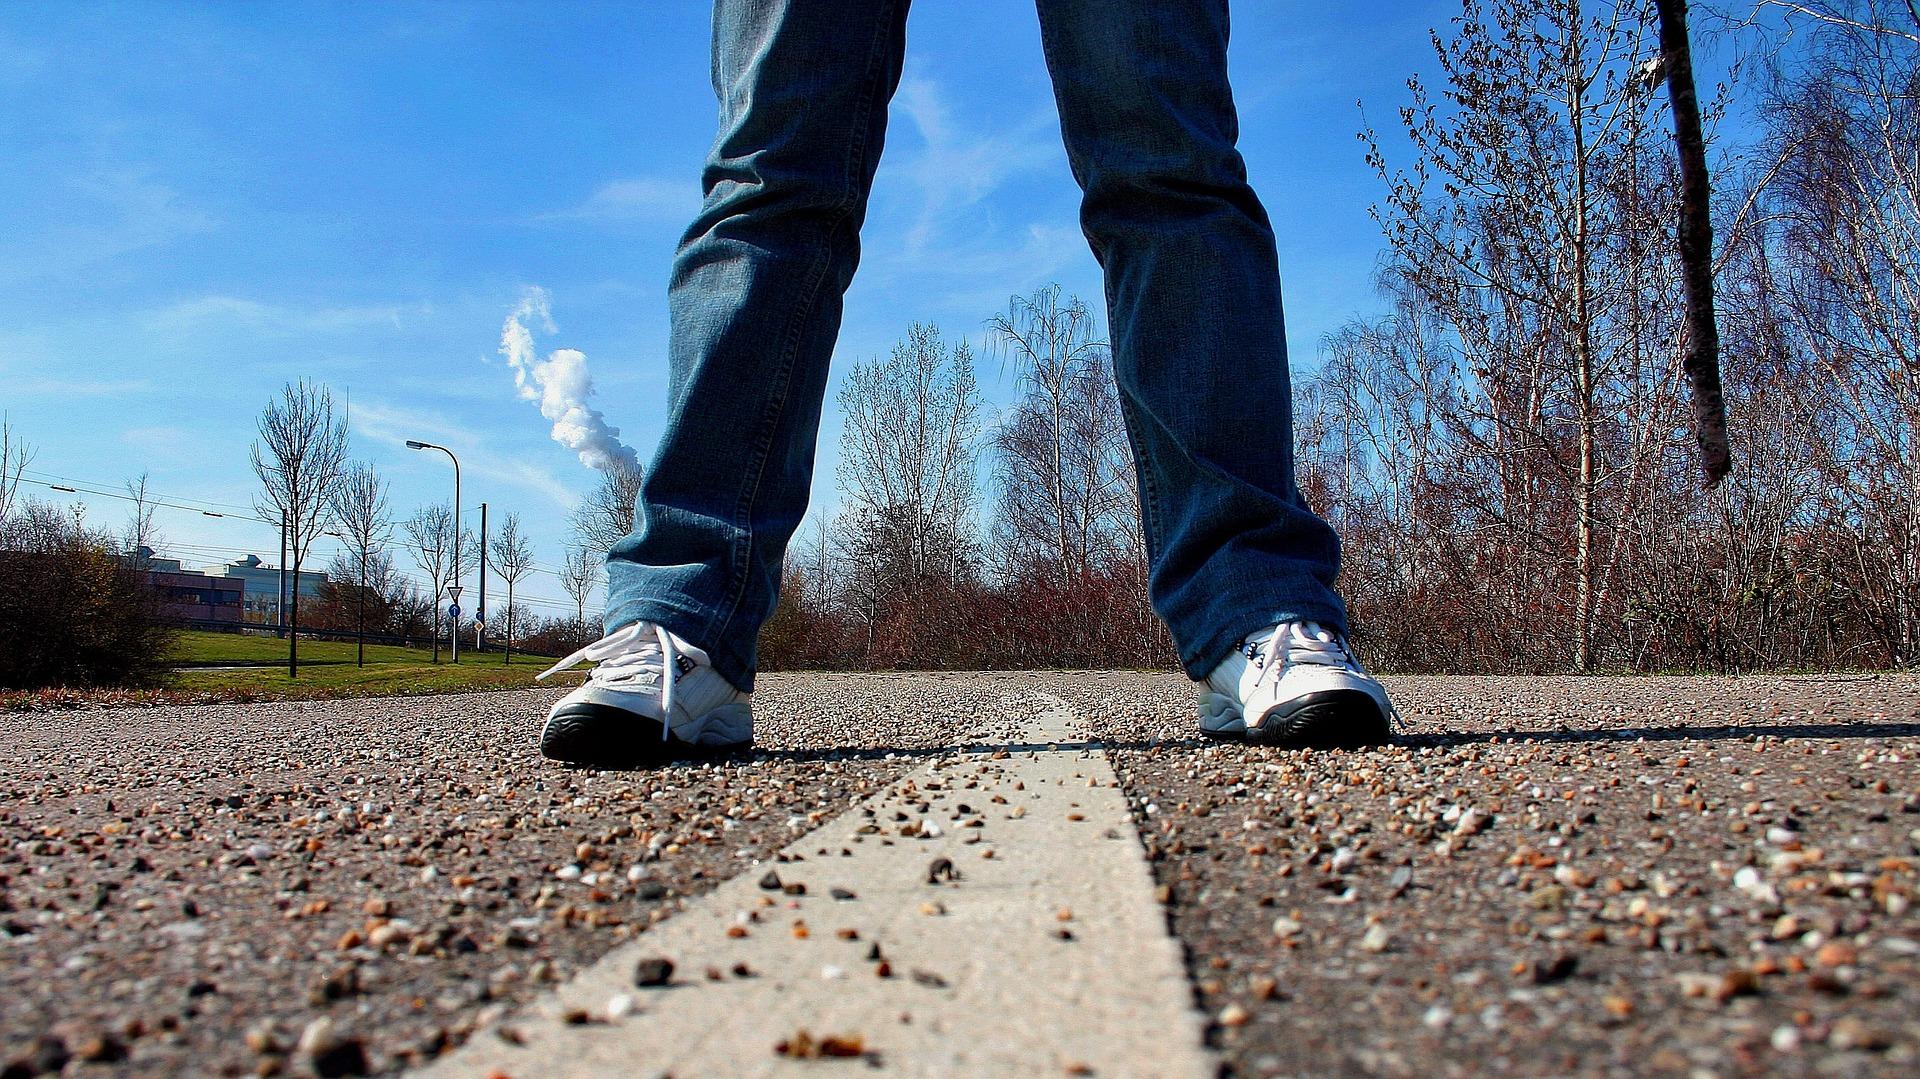 sidewalk-657906_1920-1